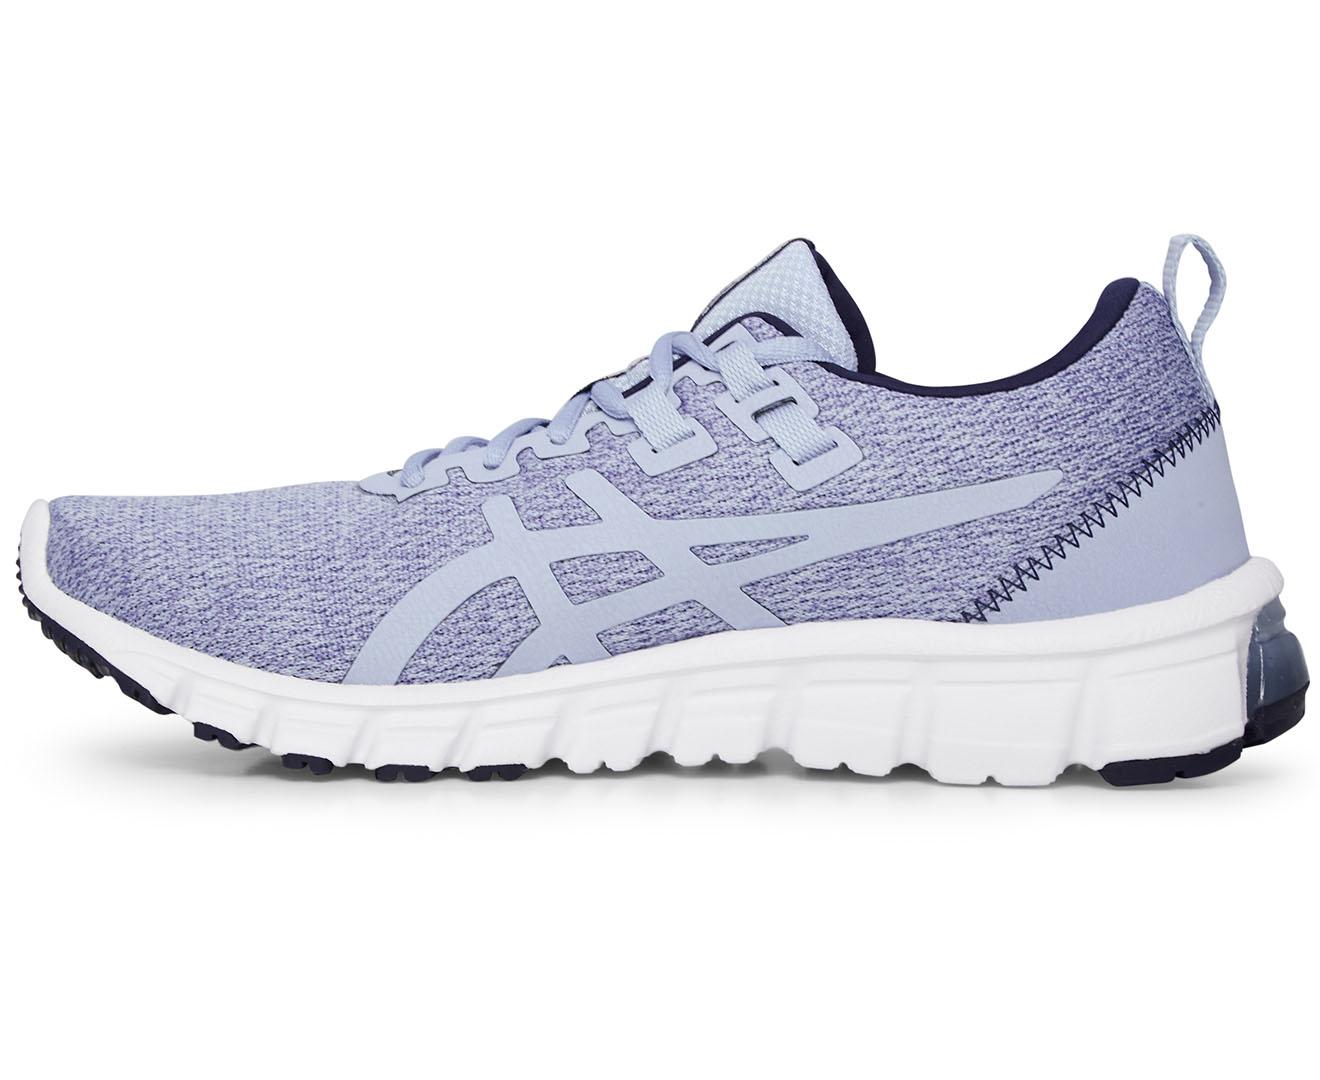 3a42246c26 Details about ASICS Women's GEL-Quantum 90 Running Sports Shoes - Mist/Mist